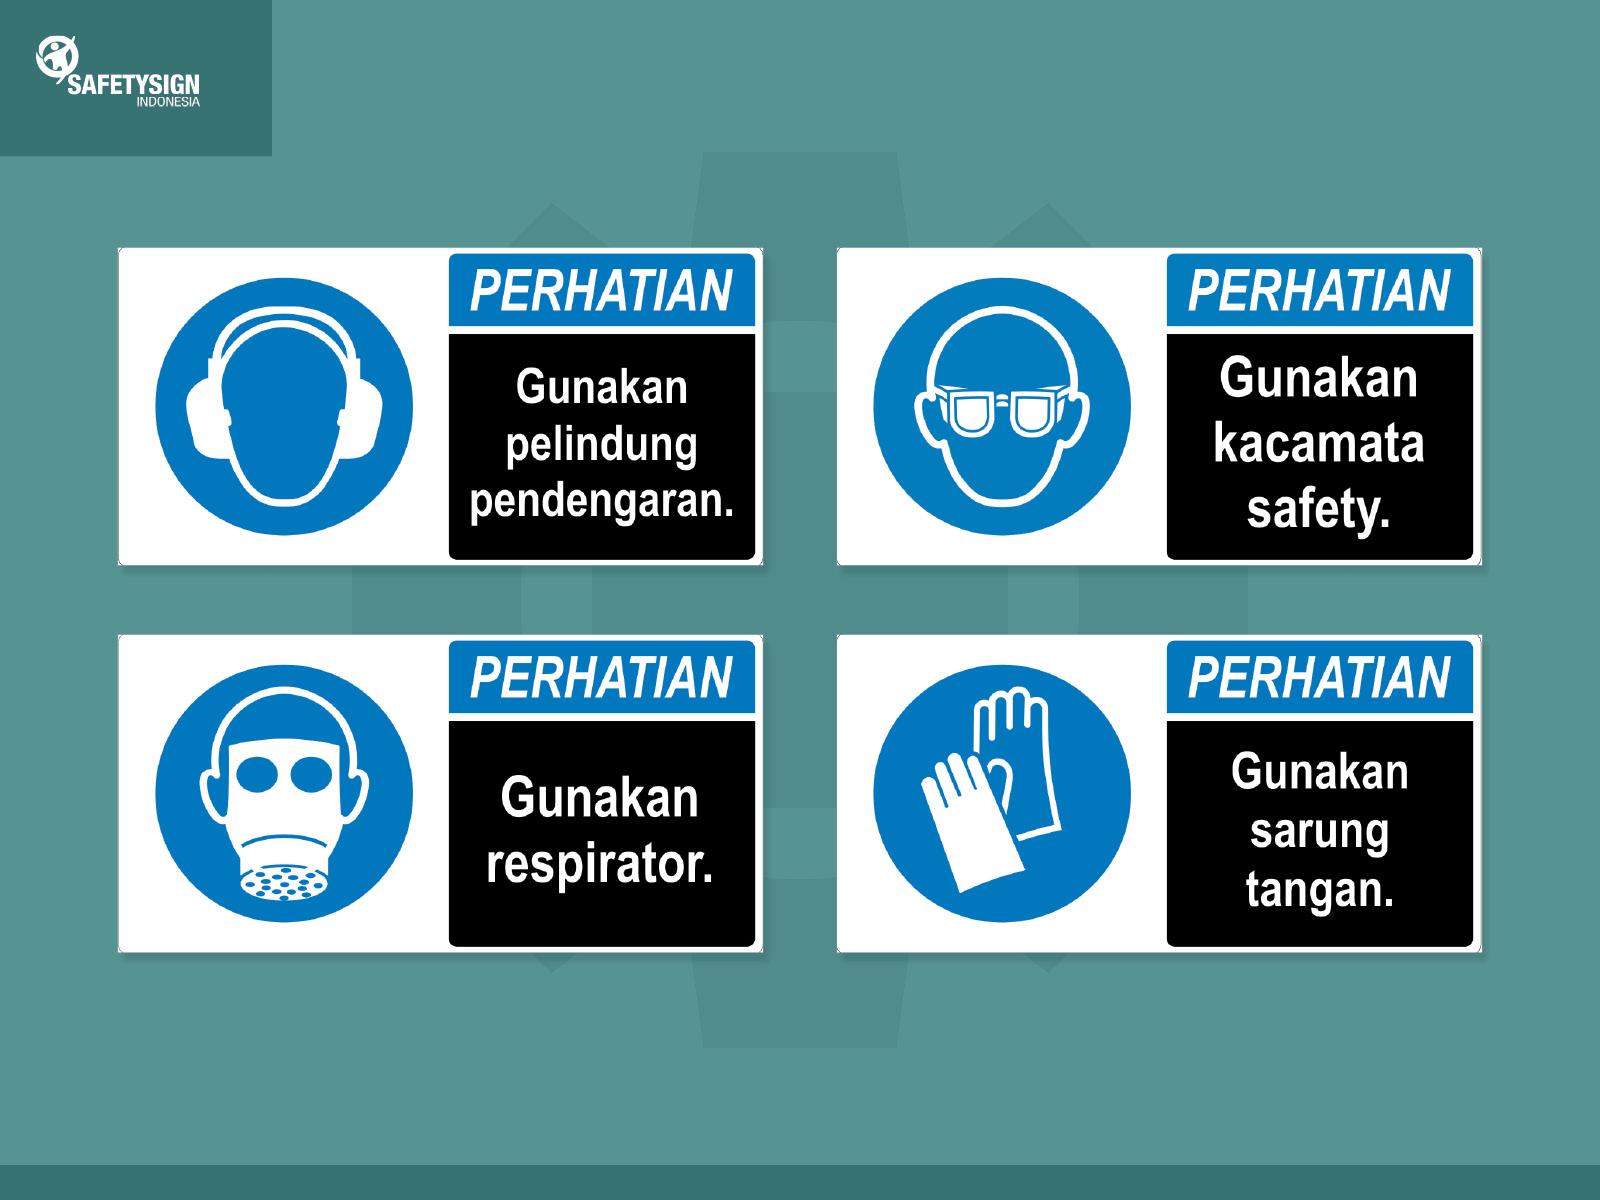 Pedoman Penggunaan Alat Pelindung Diri Di Tempat Kerja Bagaimana Menurut Regulasi Safety Sign Indonesia